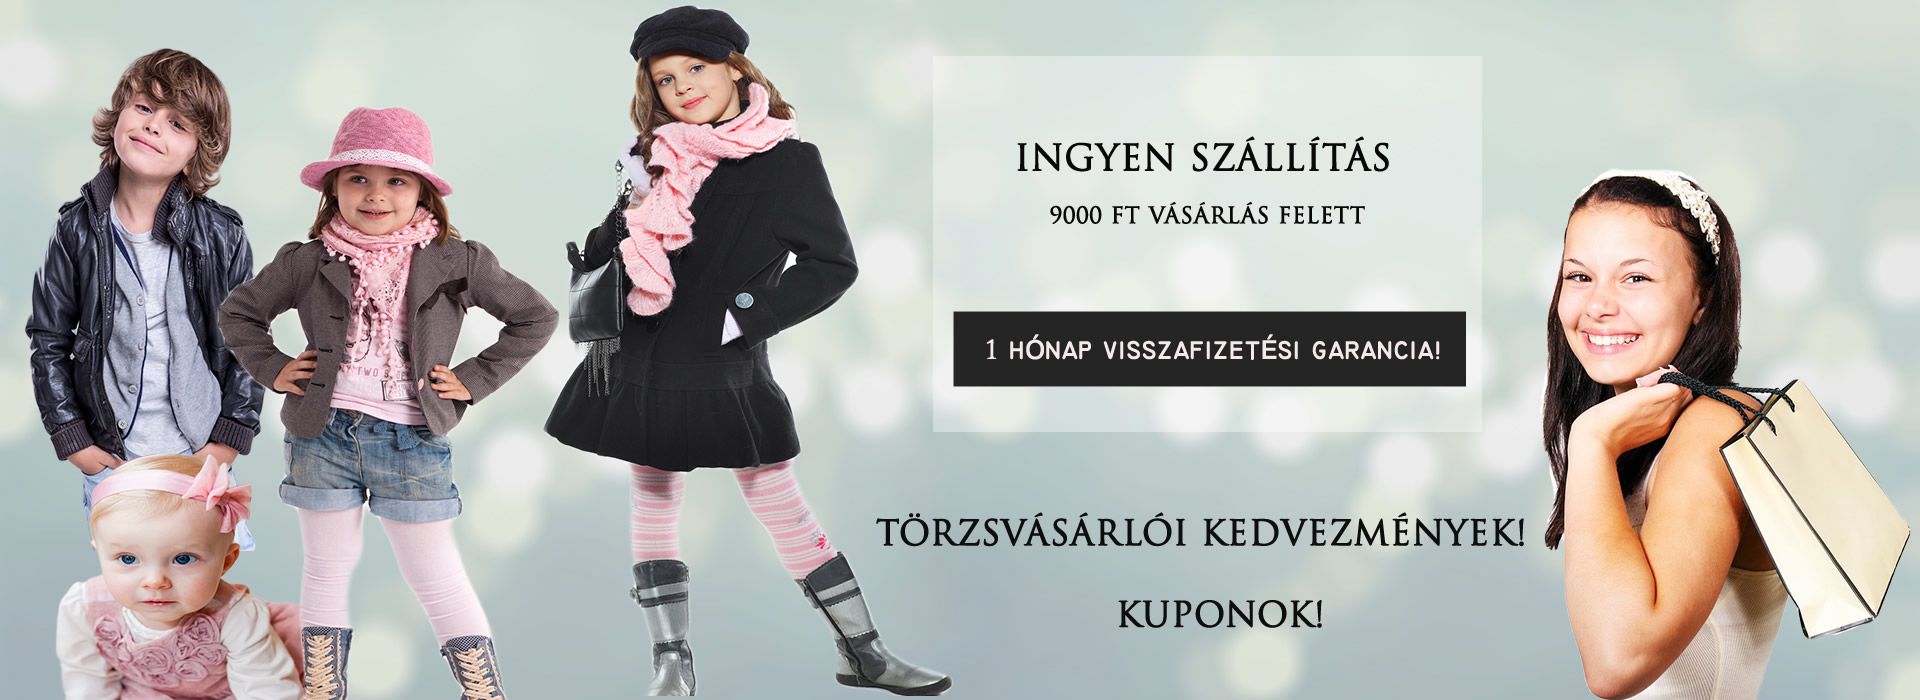 európai divatmárkák